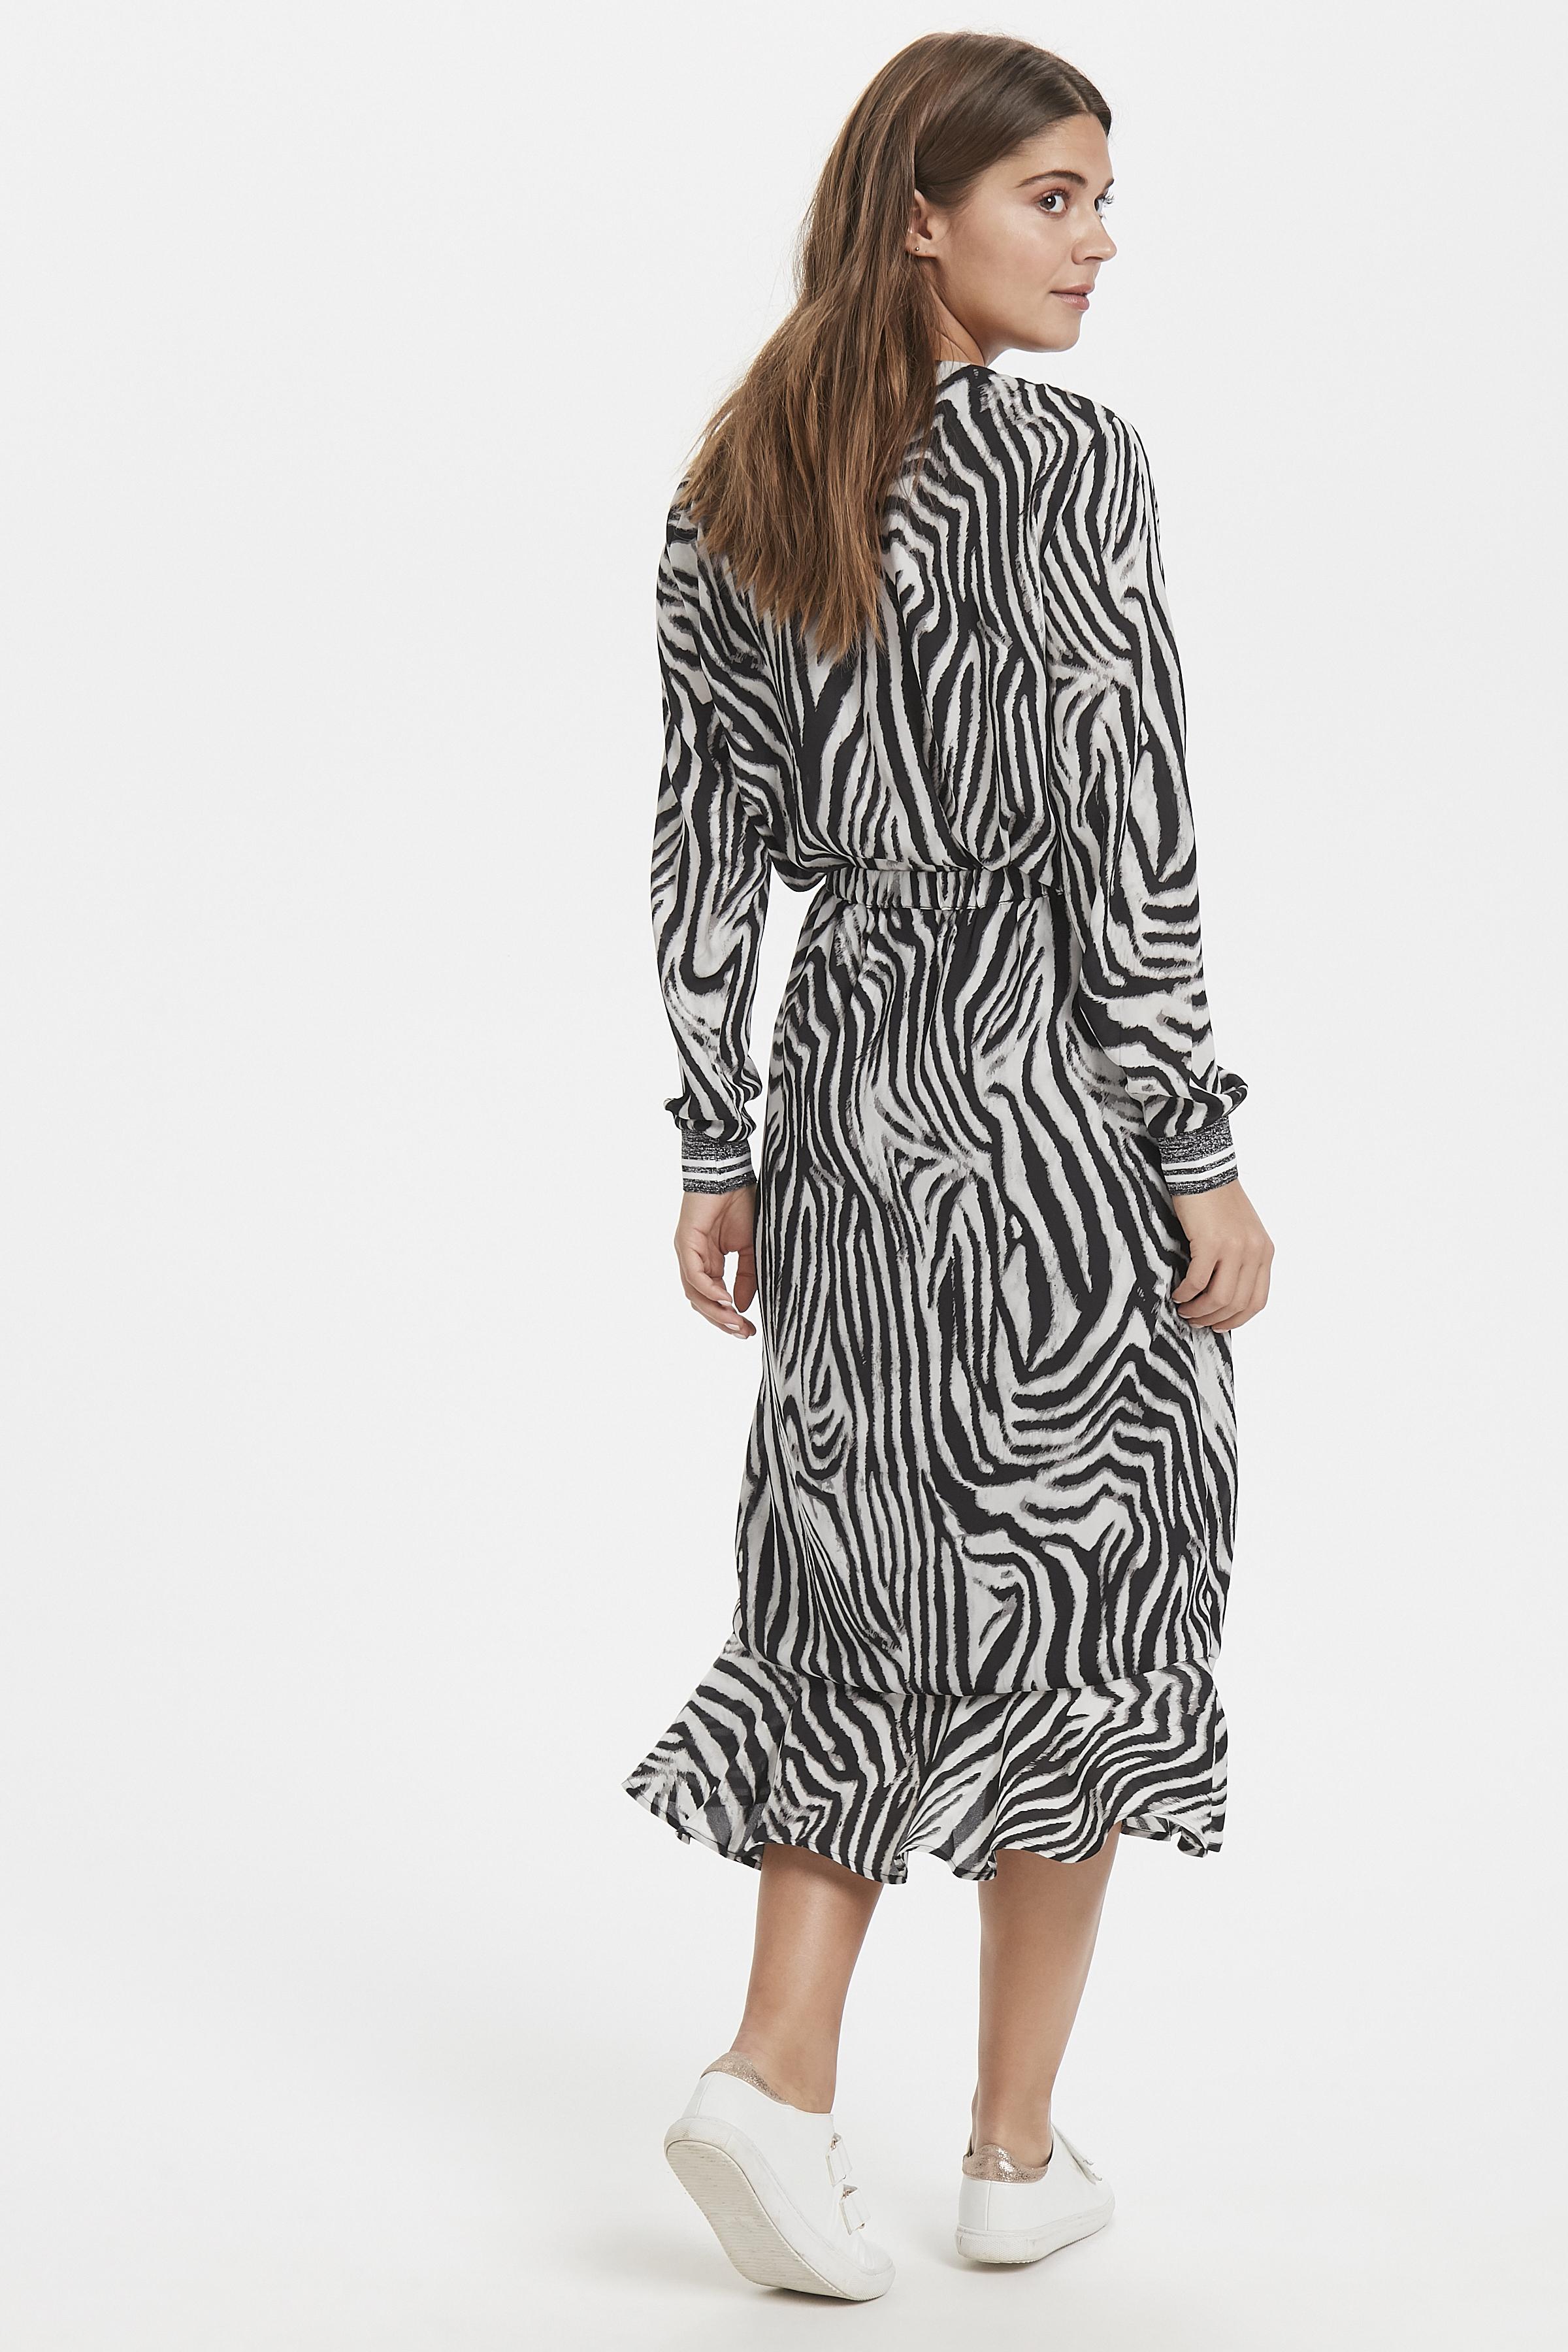 Zebra combi 1 Rock von b.young – Kaufen Sie Zebra combi 1 Rock aus Größe 34-42 hier